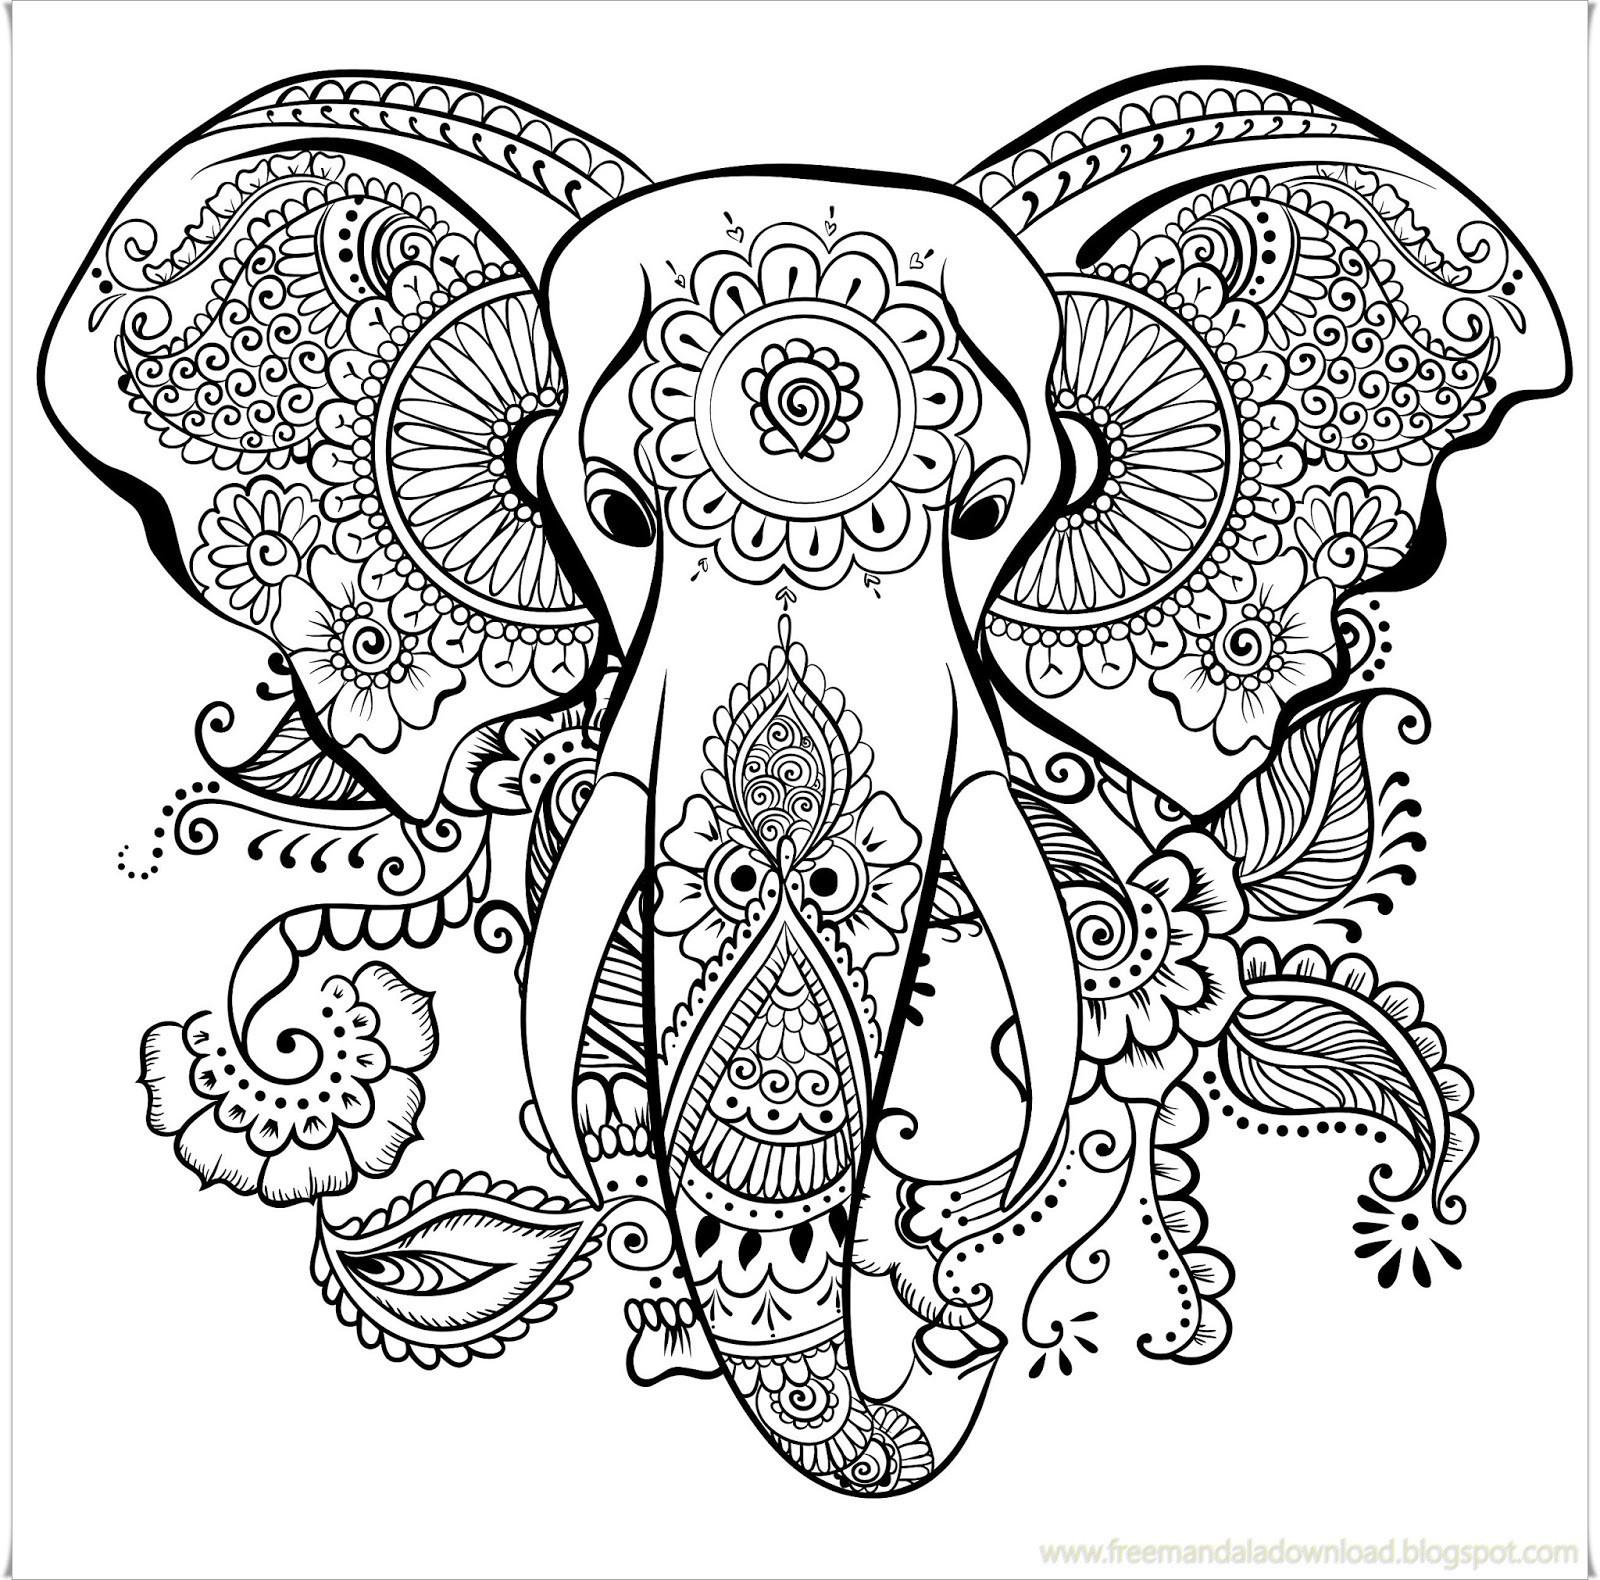 Ausmalbilder Für Erwachsene Elefant Das Beste Von 100 Schöne Ausmalbilder Für Erwachsene Bilder Ideen Stock